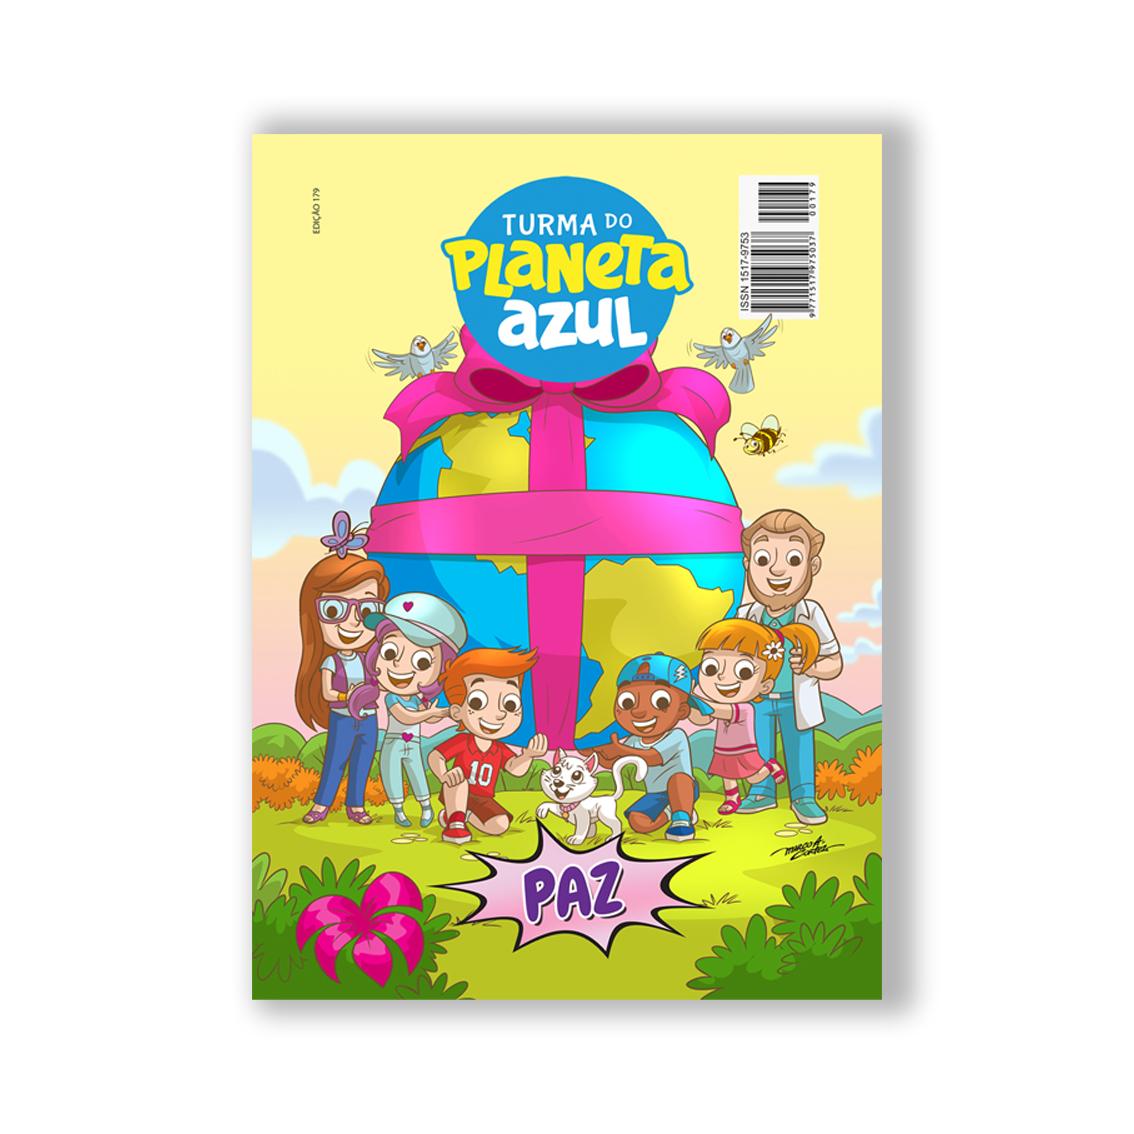 Revista Turma do Planeta Azul - Edição 179